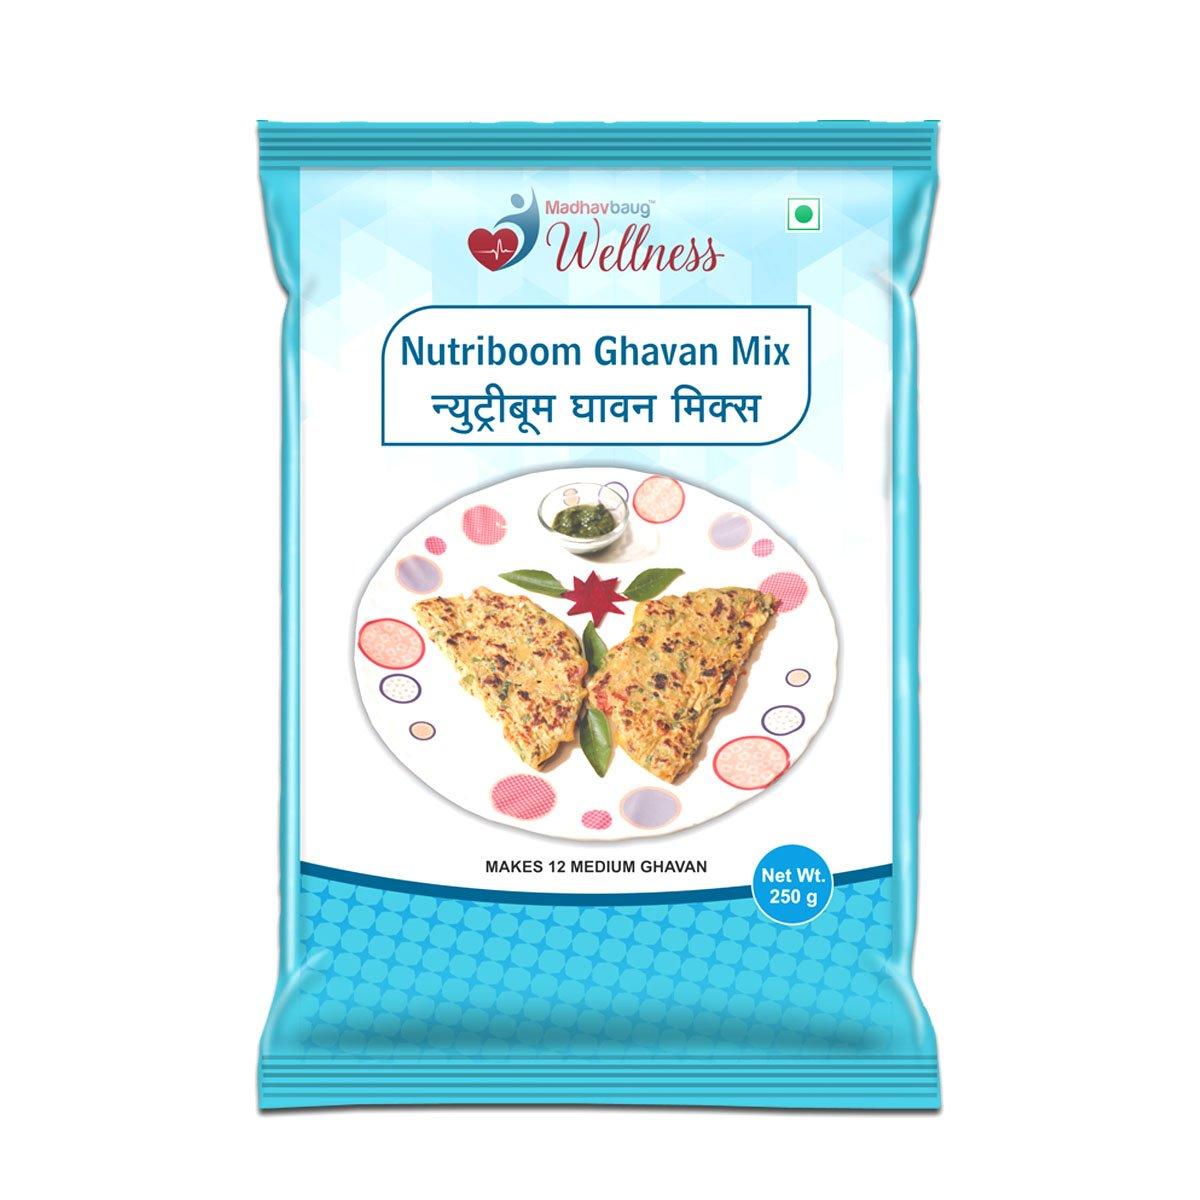 Nutriboom Ghavan Front